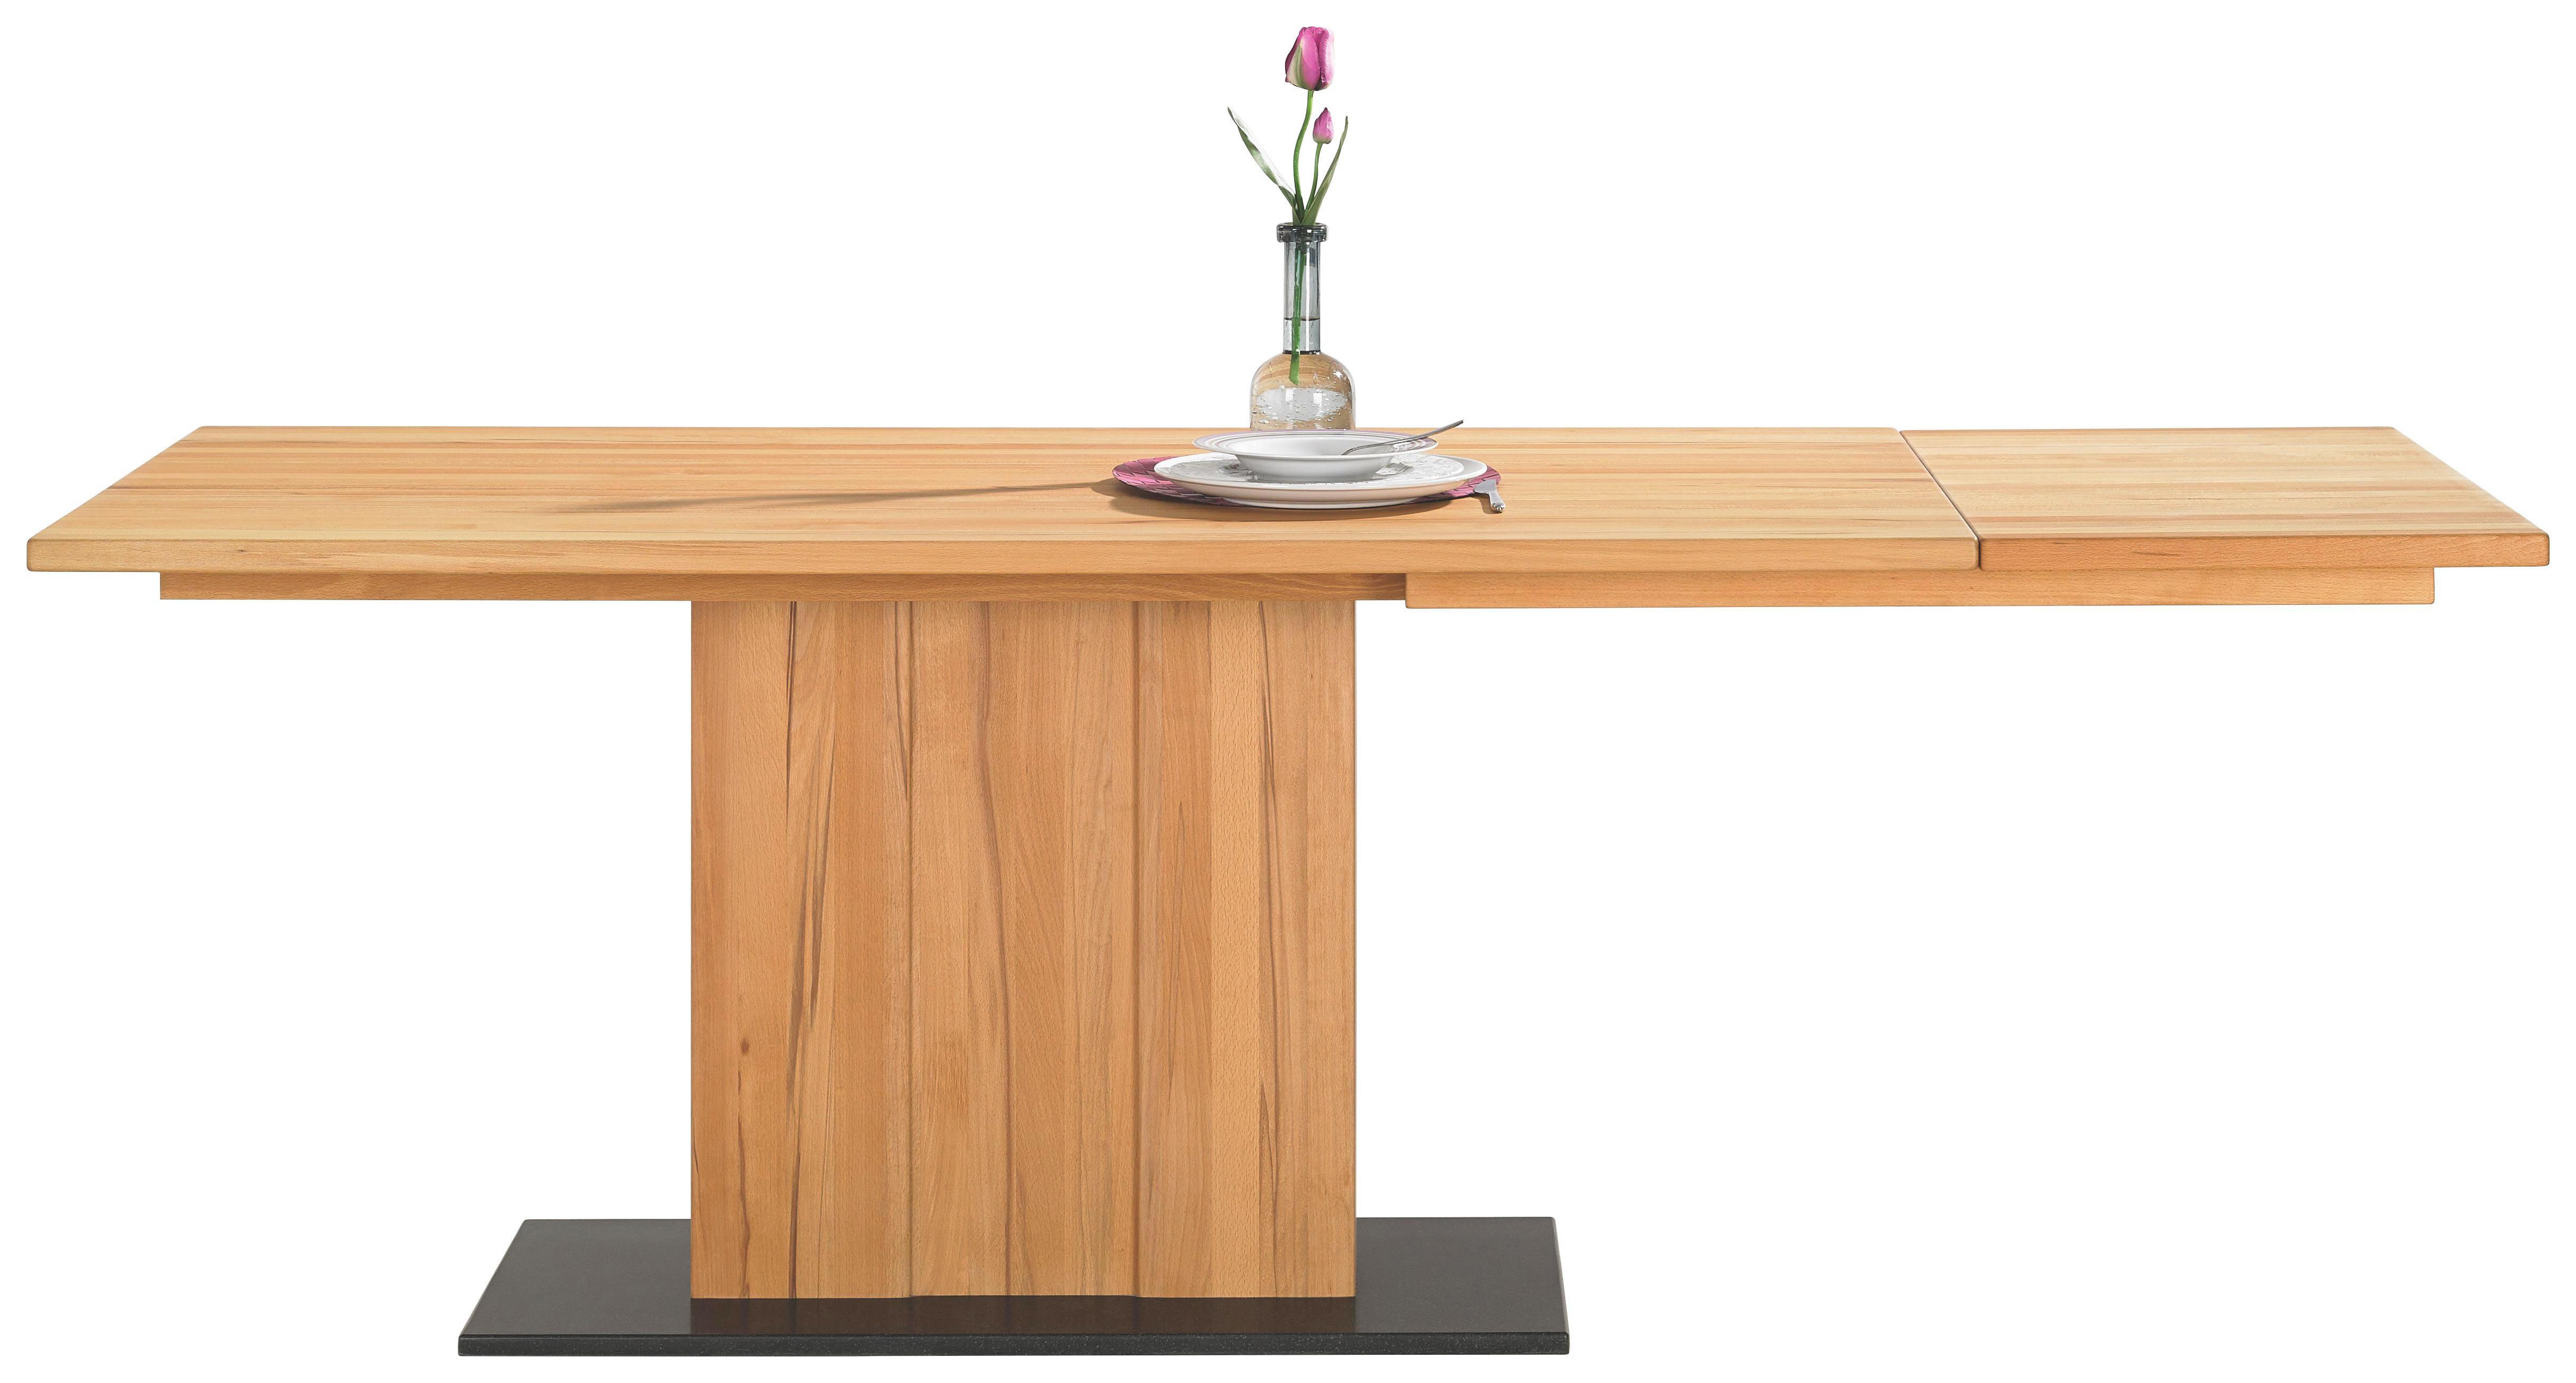 ESSTISCH Asteiche massiv Buchefarben, Schwarz - Buchefarben/Schwarz, Design, Holz/Stein (170/95/76cm) - CASSANDO